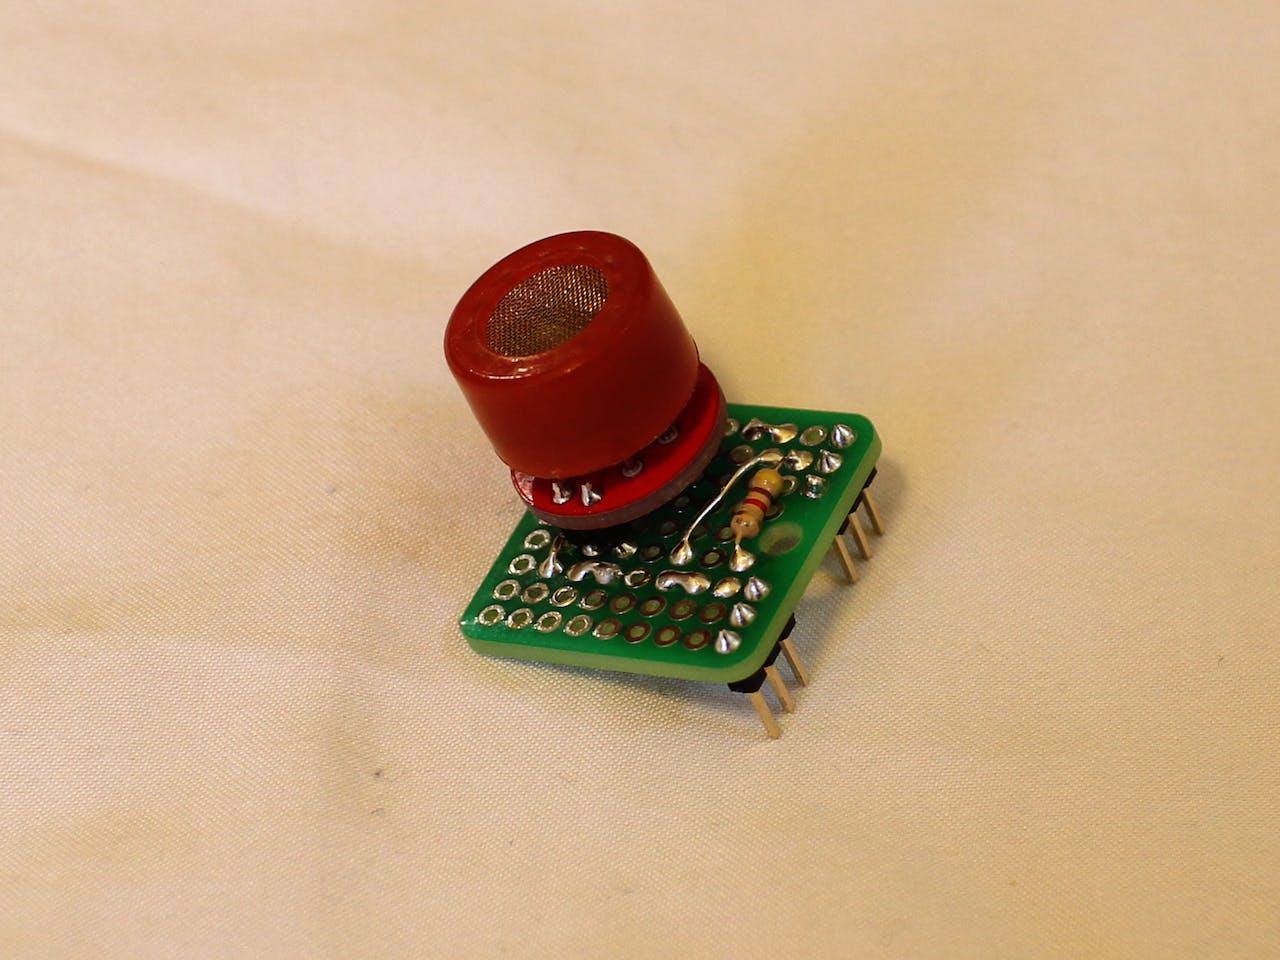 Wiring Diagram For Bac Diy Breathalyzer